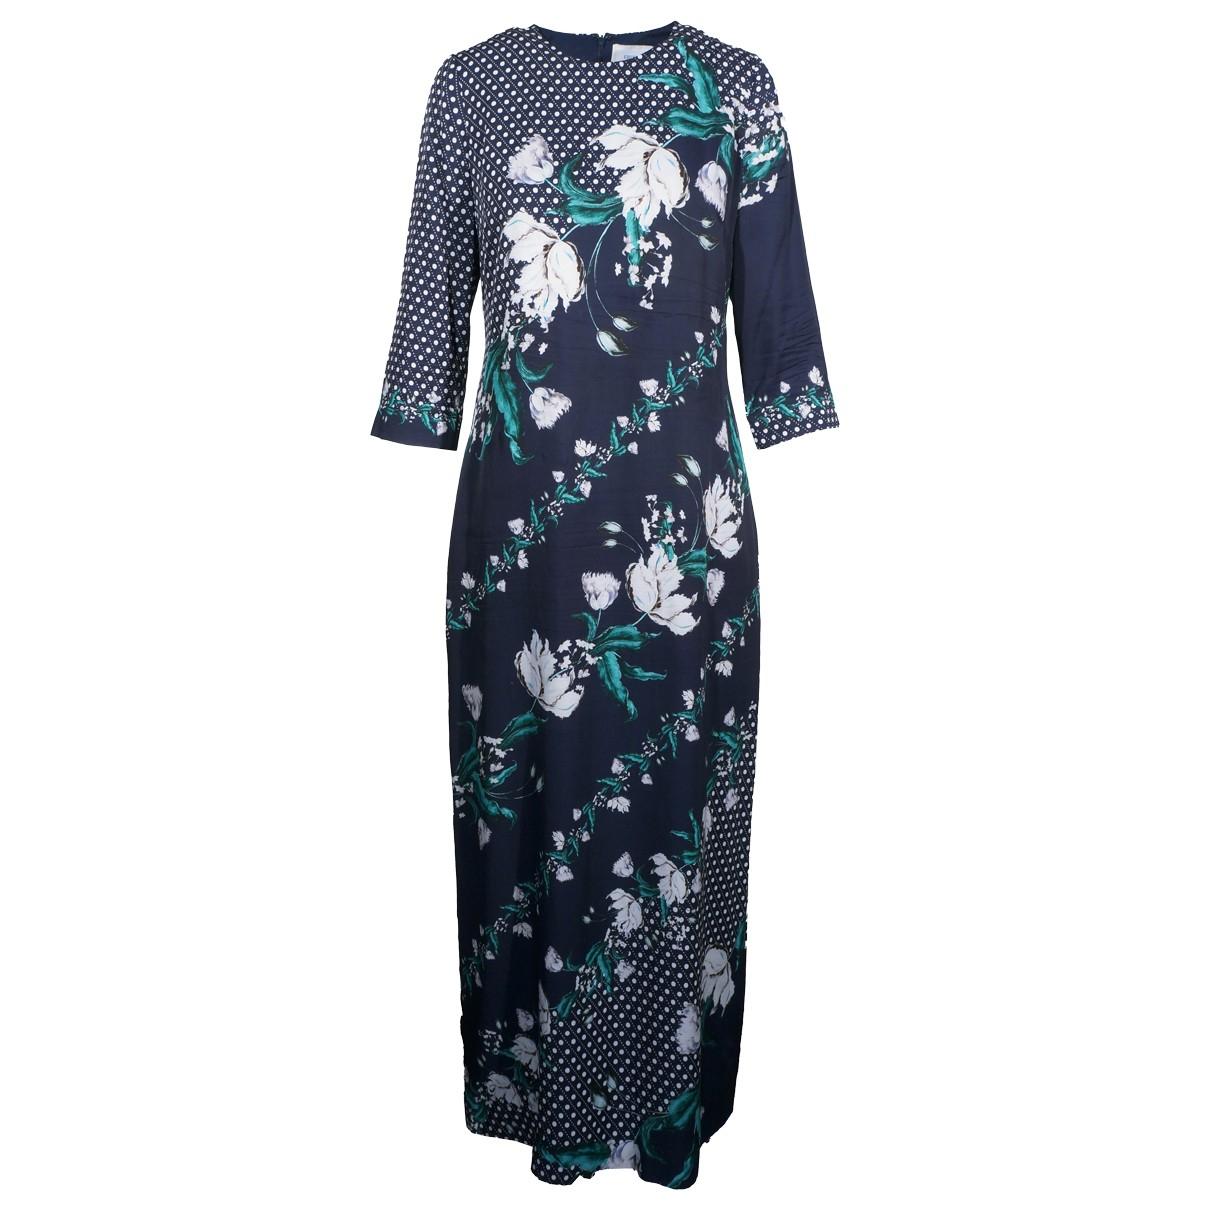 Erdem \N Blue dress for Women 36 FR